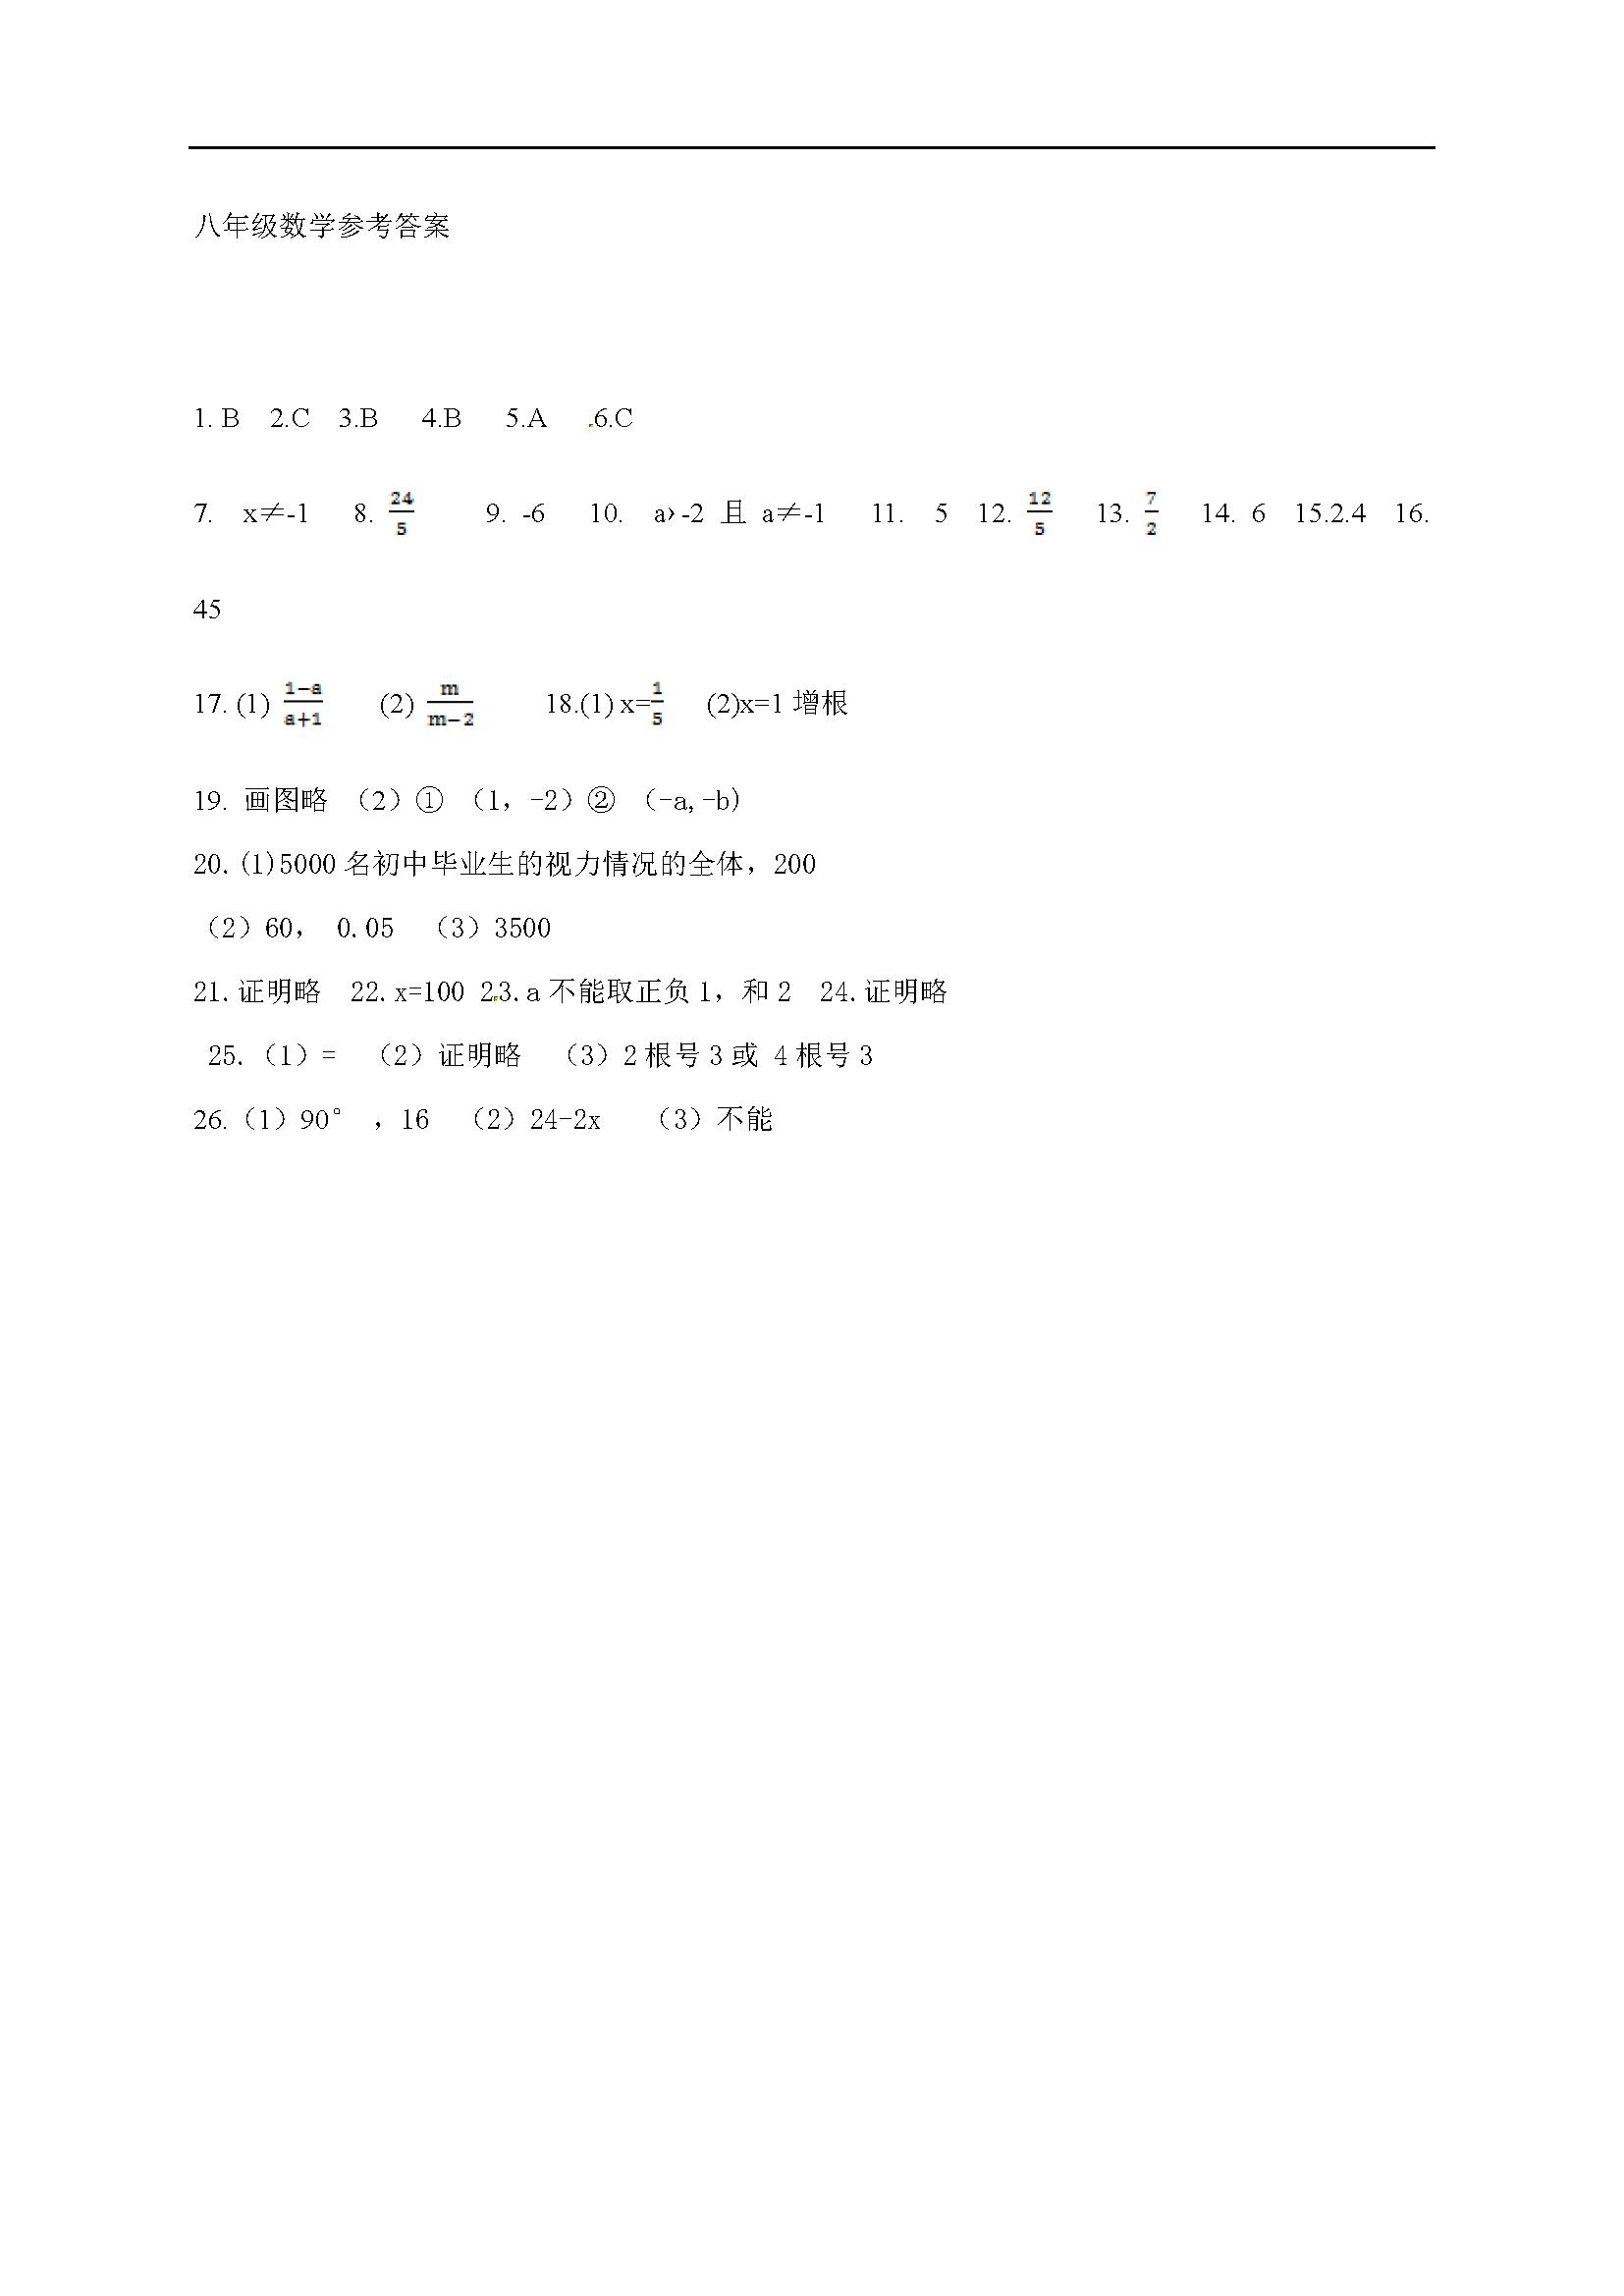 2017江苏泰州中学附属初级中学八年级下第一次月考数学试题答案(Word版)